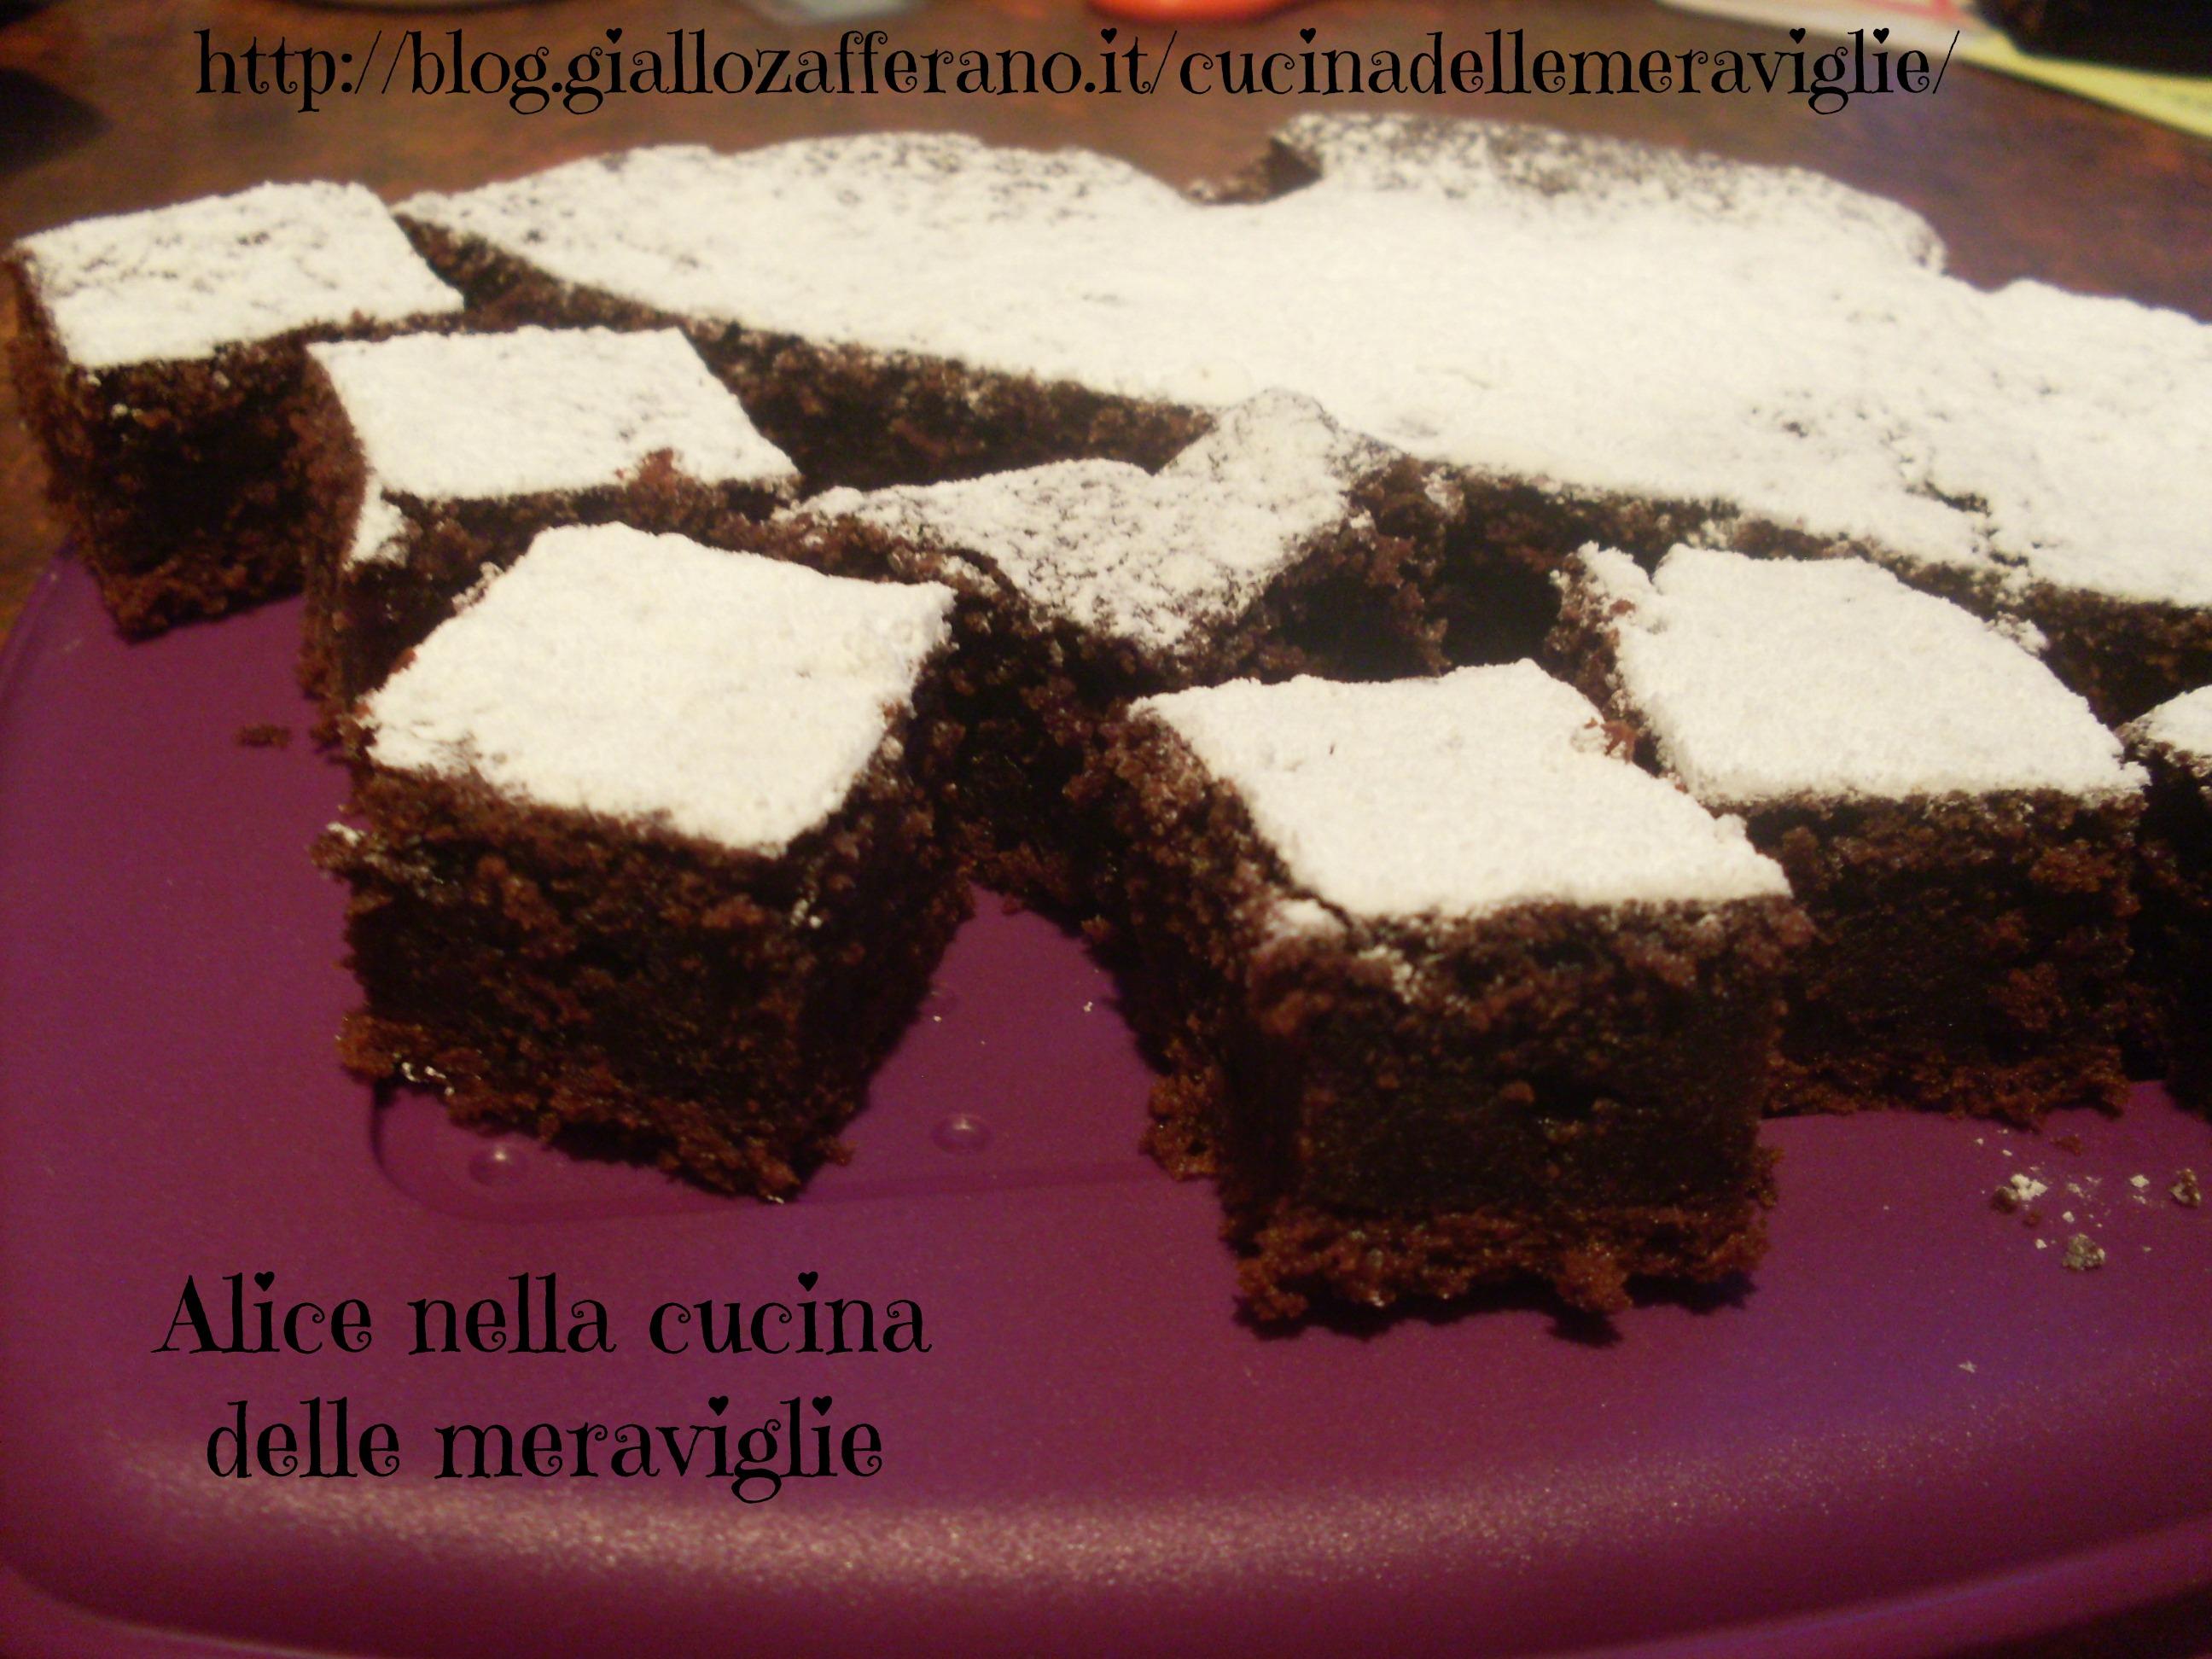 Torta di cacao e yogurt Ricetta dolce Alice nella cucina delle meraviglie